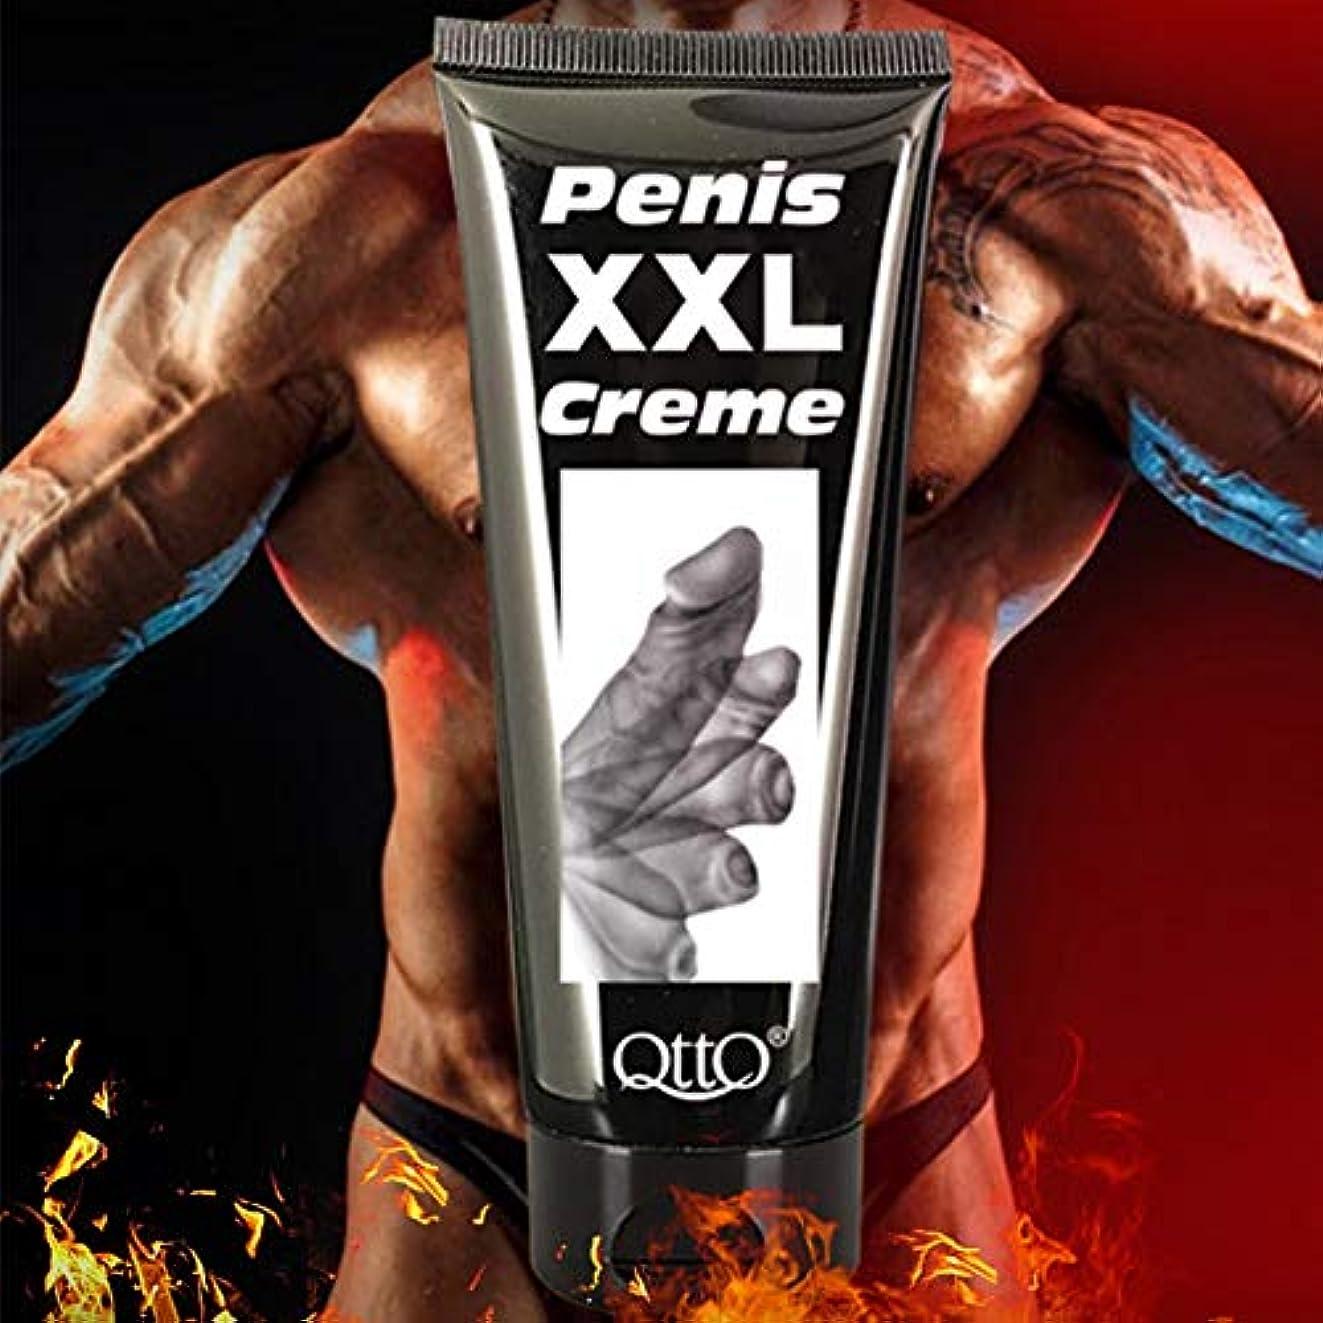 許す位置づける説明するBalai 男性用 ペニス拡大 クリームビッグディック 濃厚化成長強化パフォーマンス セックス製品